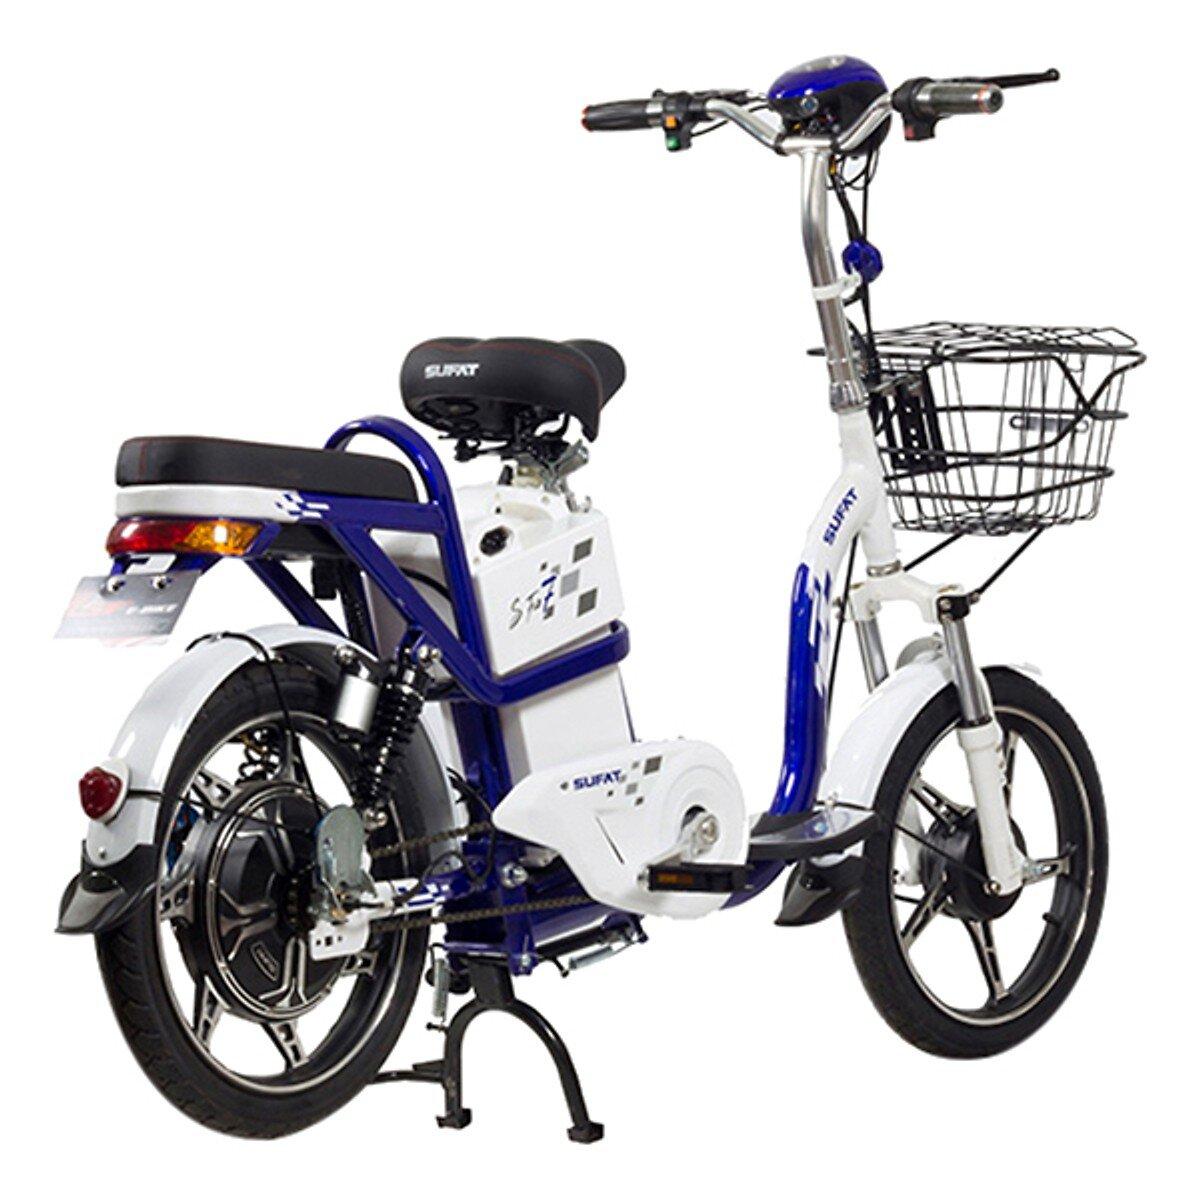 Mẫu xe đạp điện thích hợp cho người cao tuổi